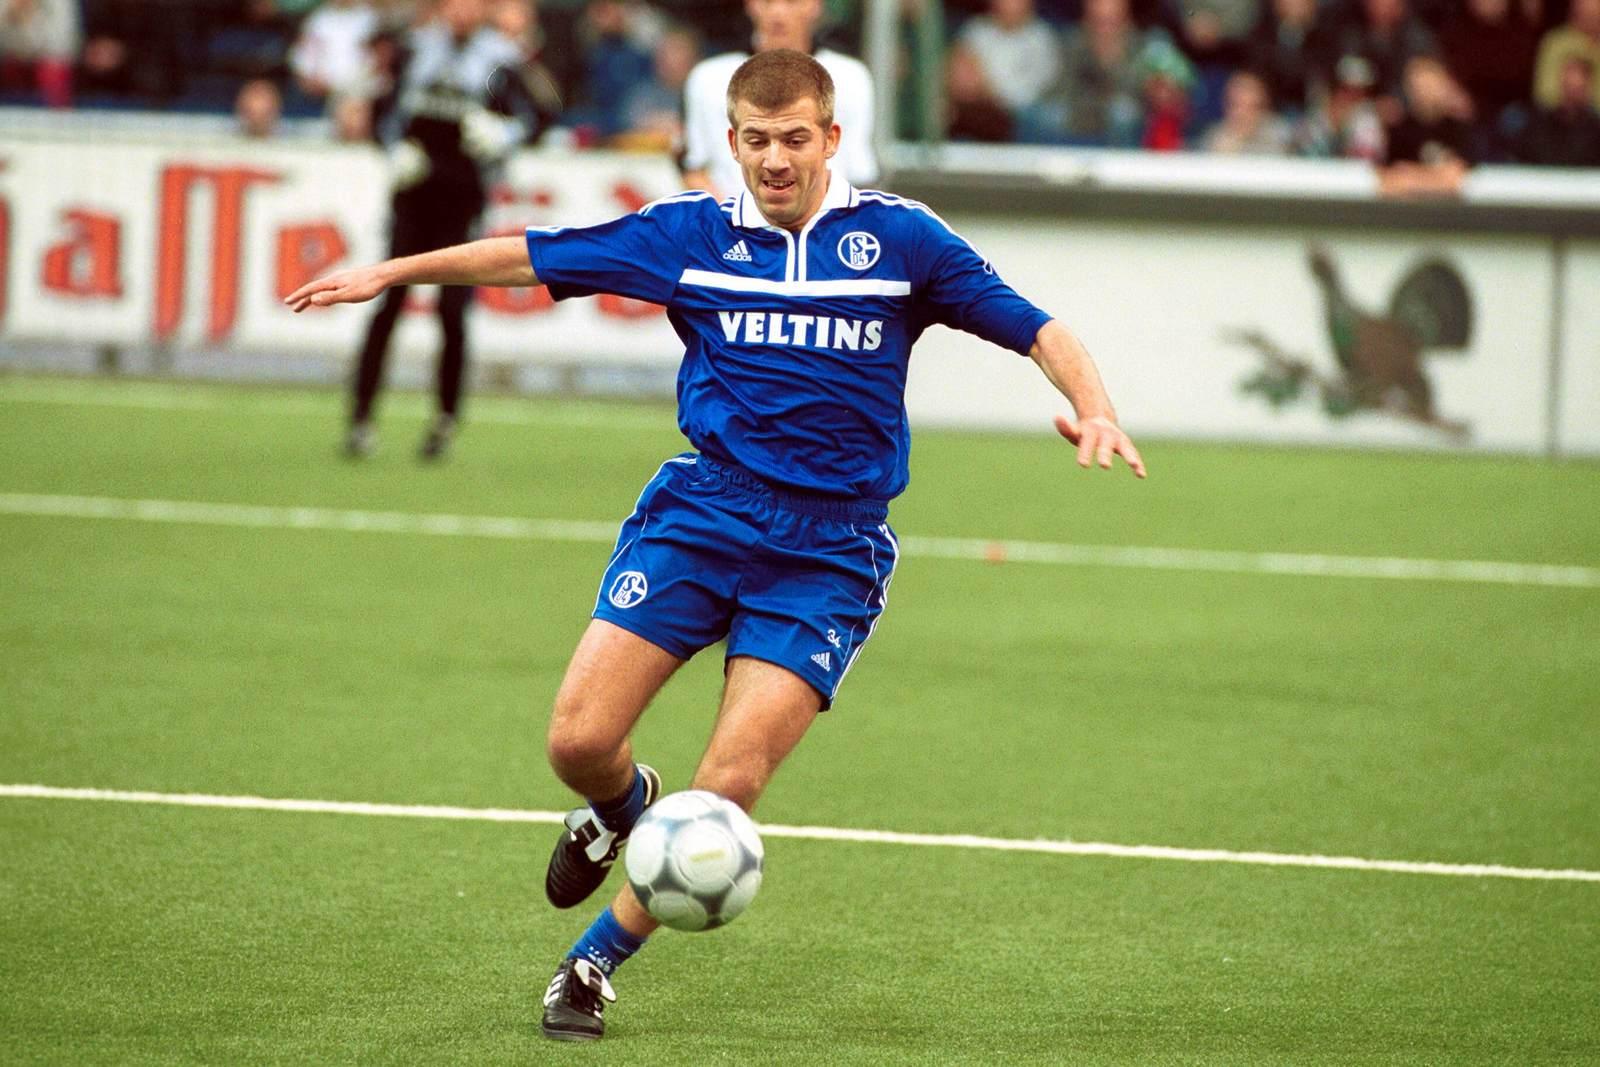 Christian Mikolajczak am Ball für den FC Schalke 04